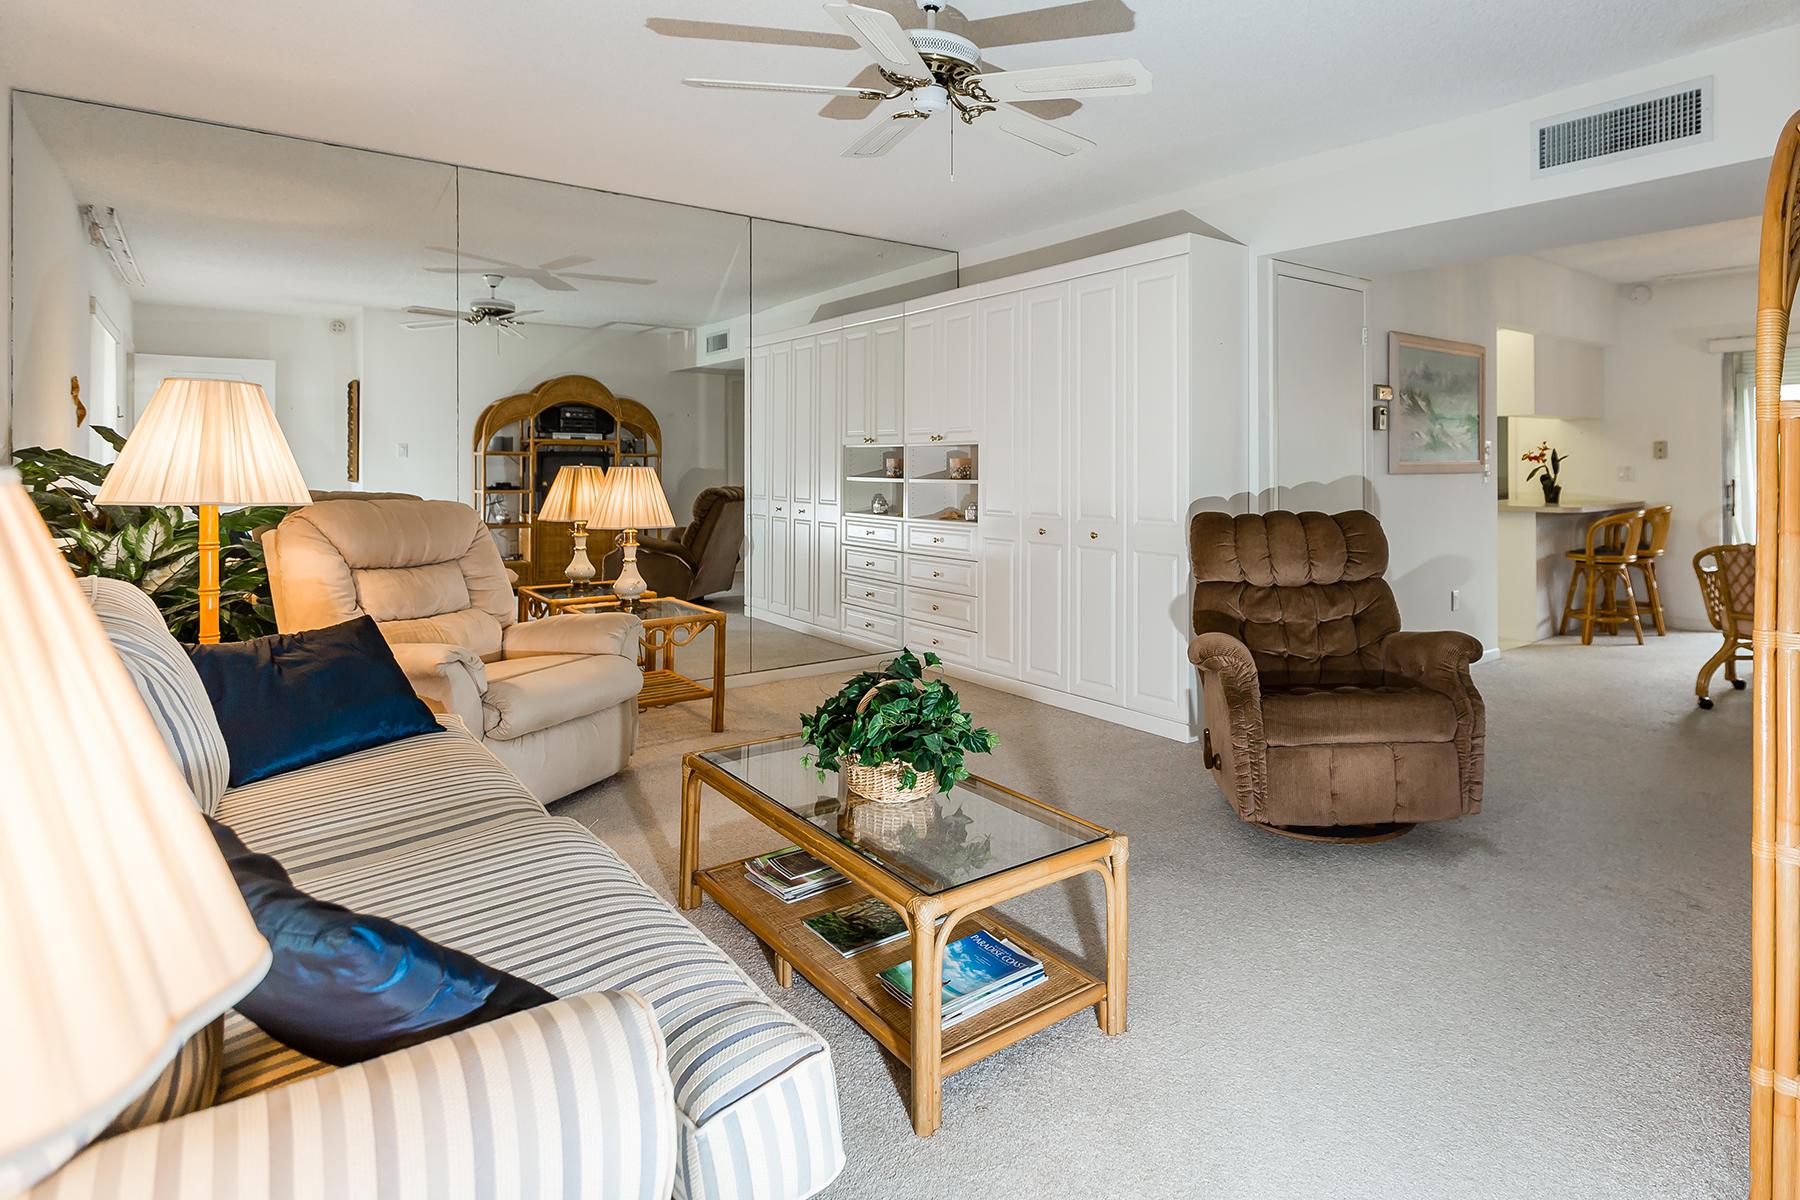 Condomínio para Venda às PARK SHORE - HIDDEN LAKE VILLAS 788 Park Shore Dr H36 Naples, Florida, 34103 Estados Unidos